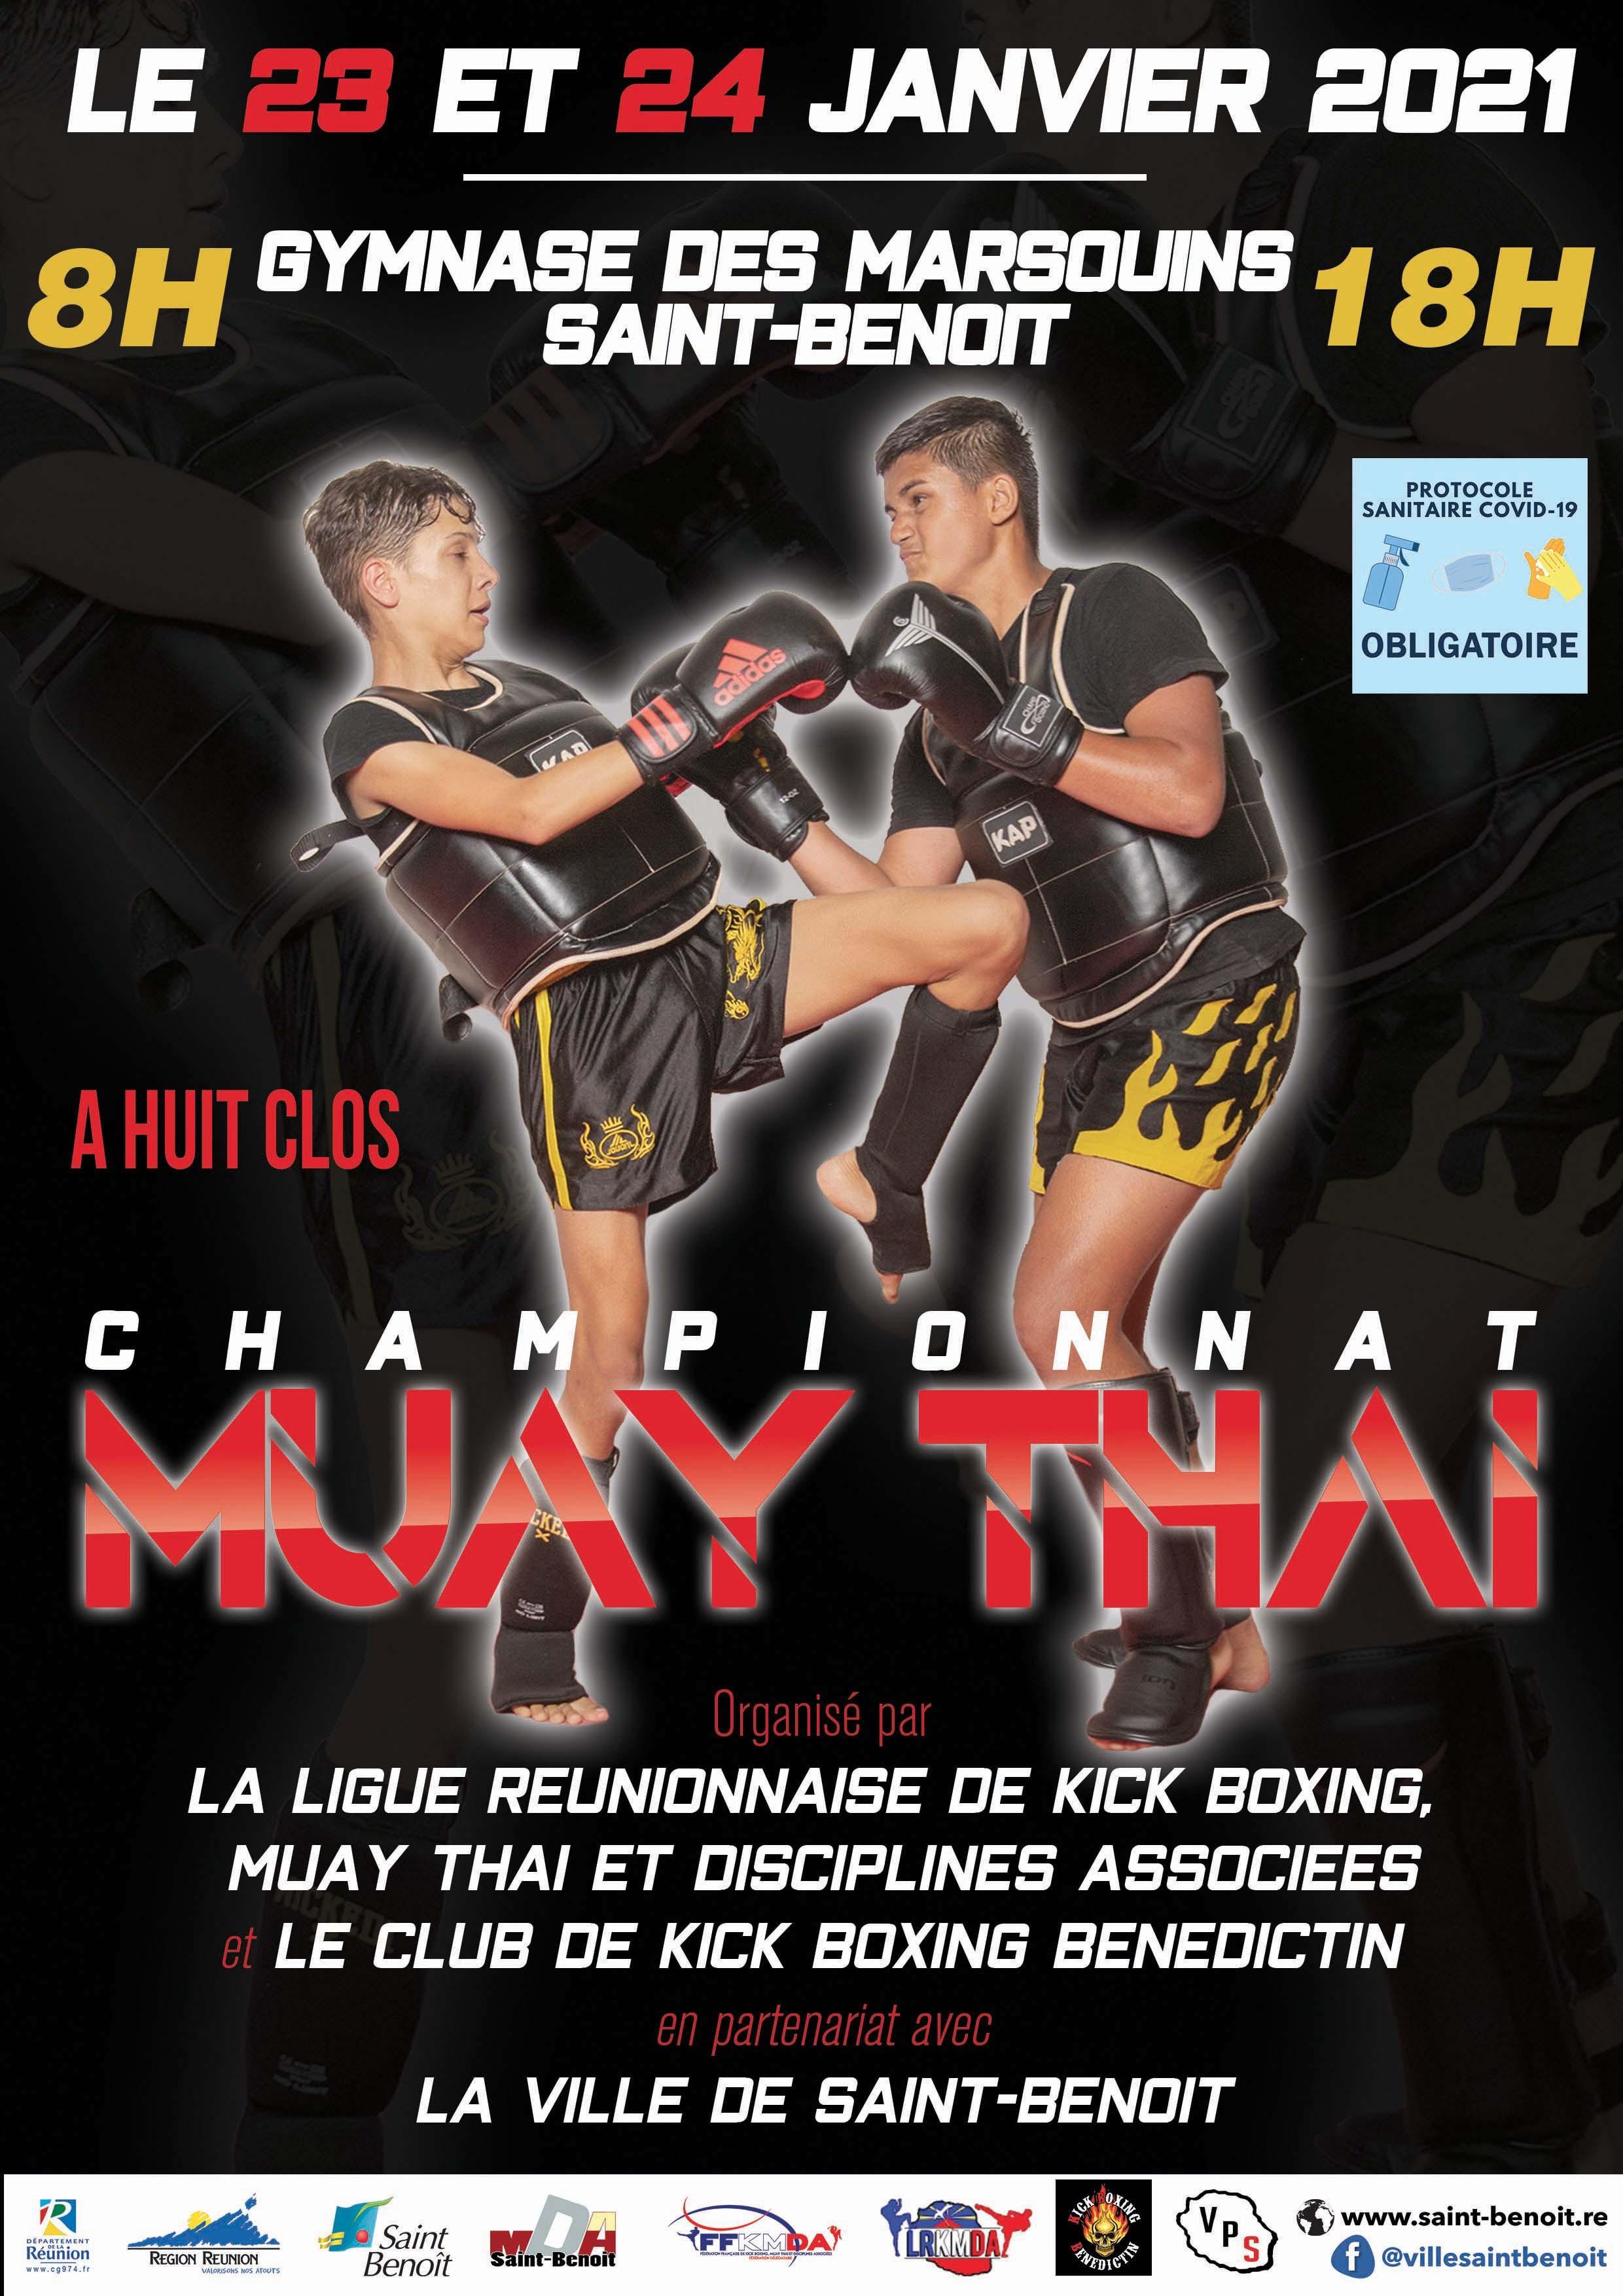 Championnat Muay Thaï (huis clos)